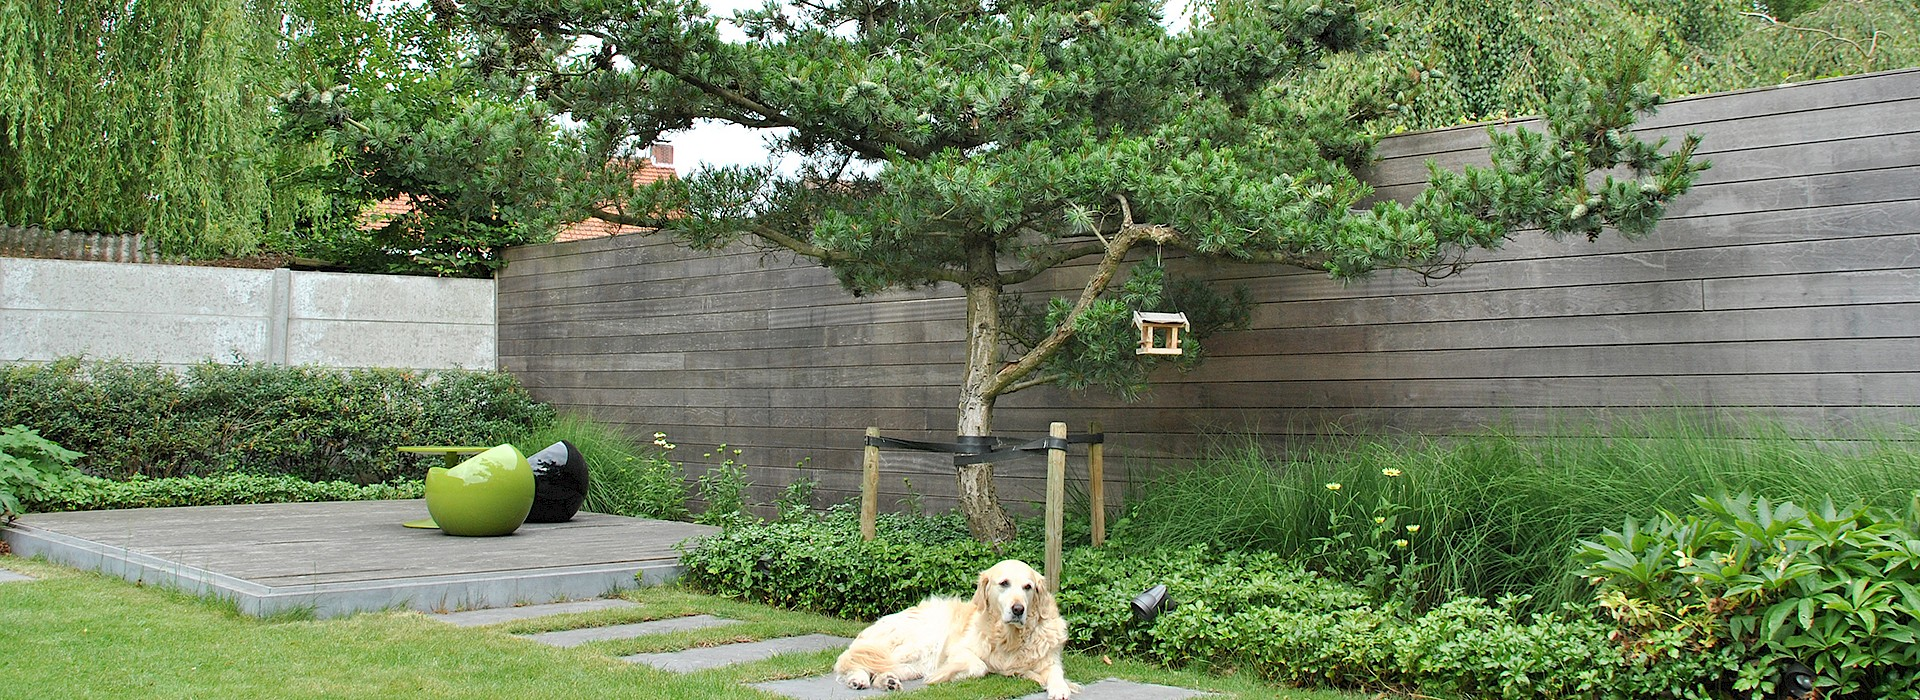 Besondere Baume Fur Kleine Garten Lesen Sie Unsere Tipps